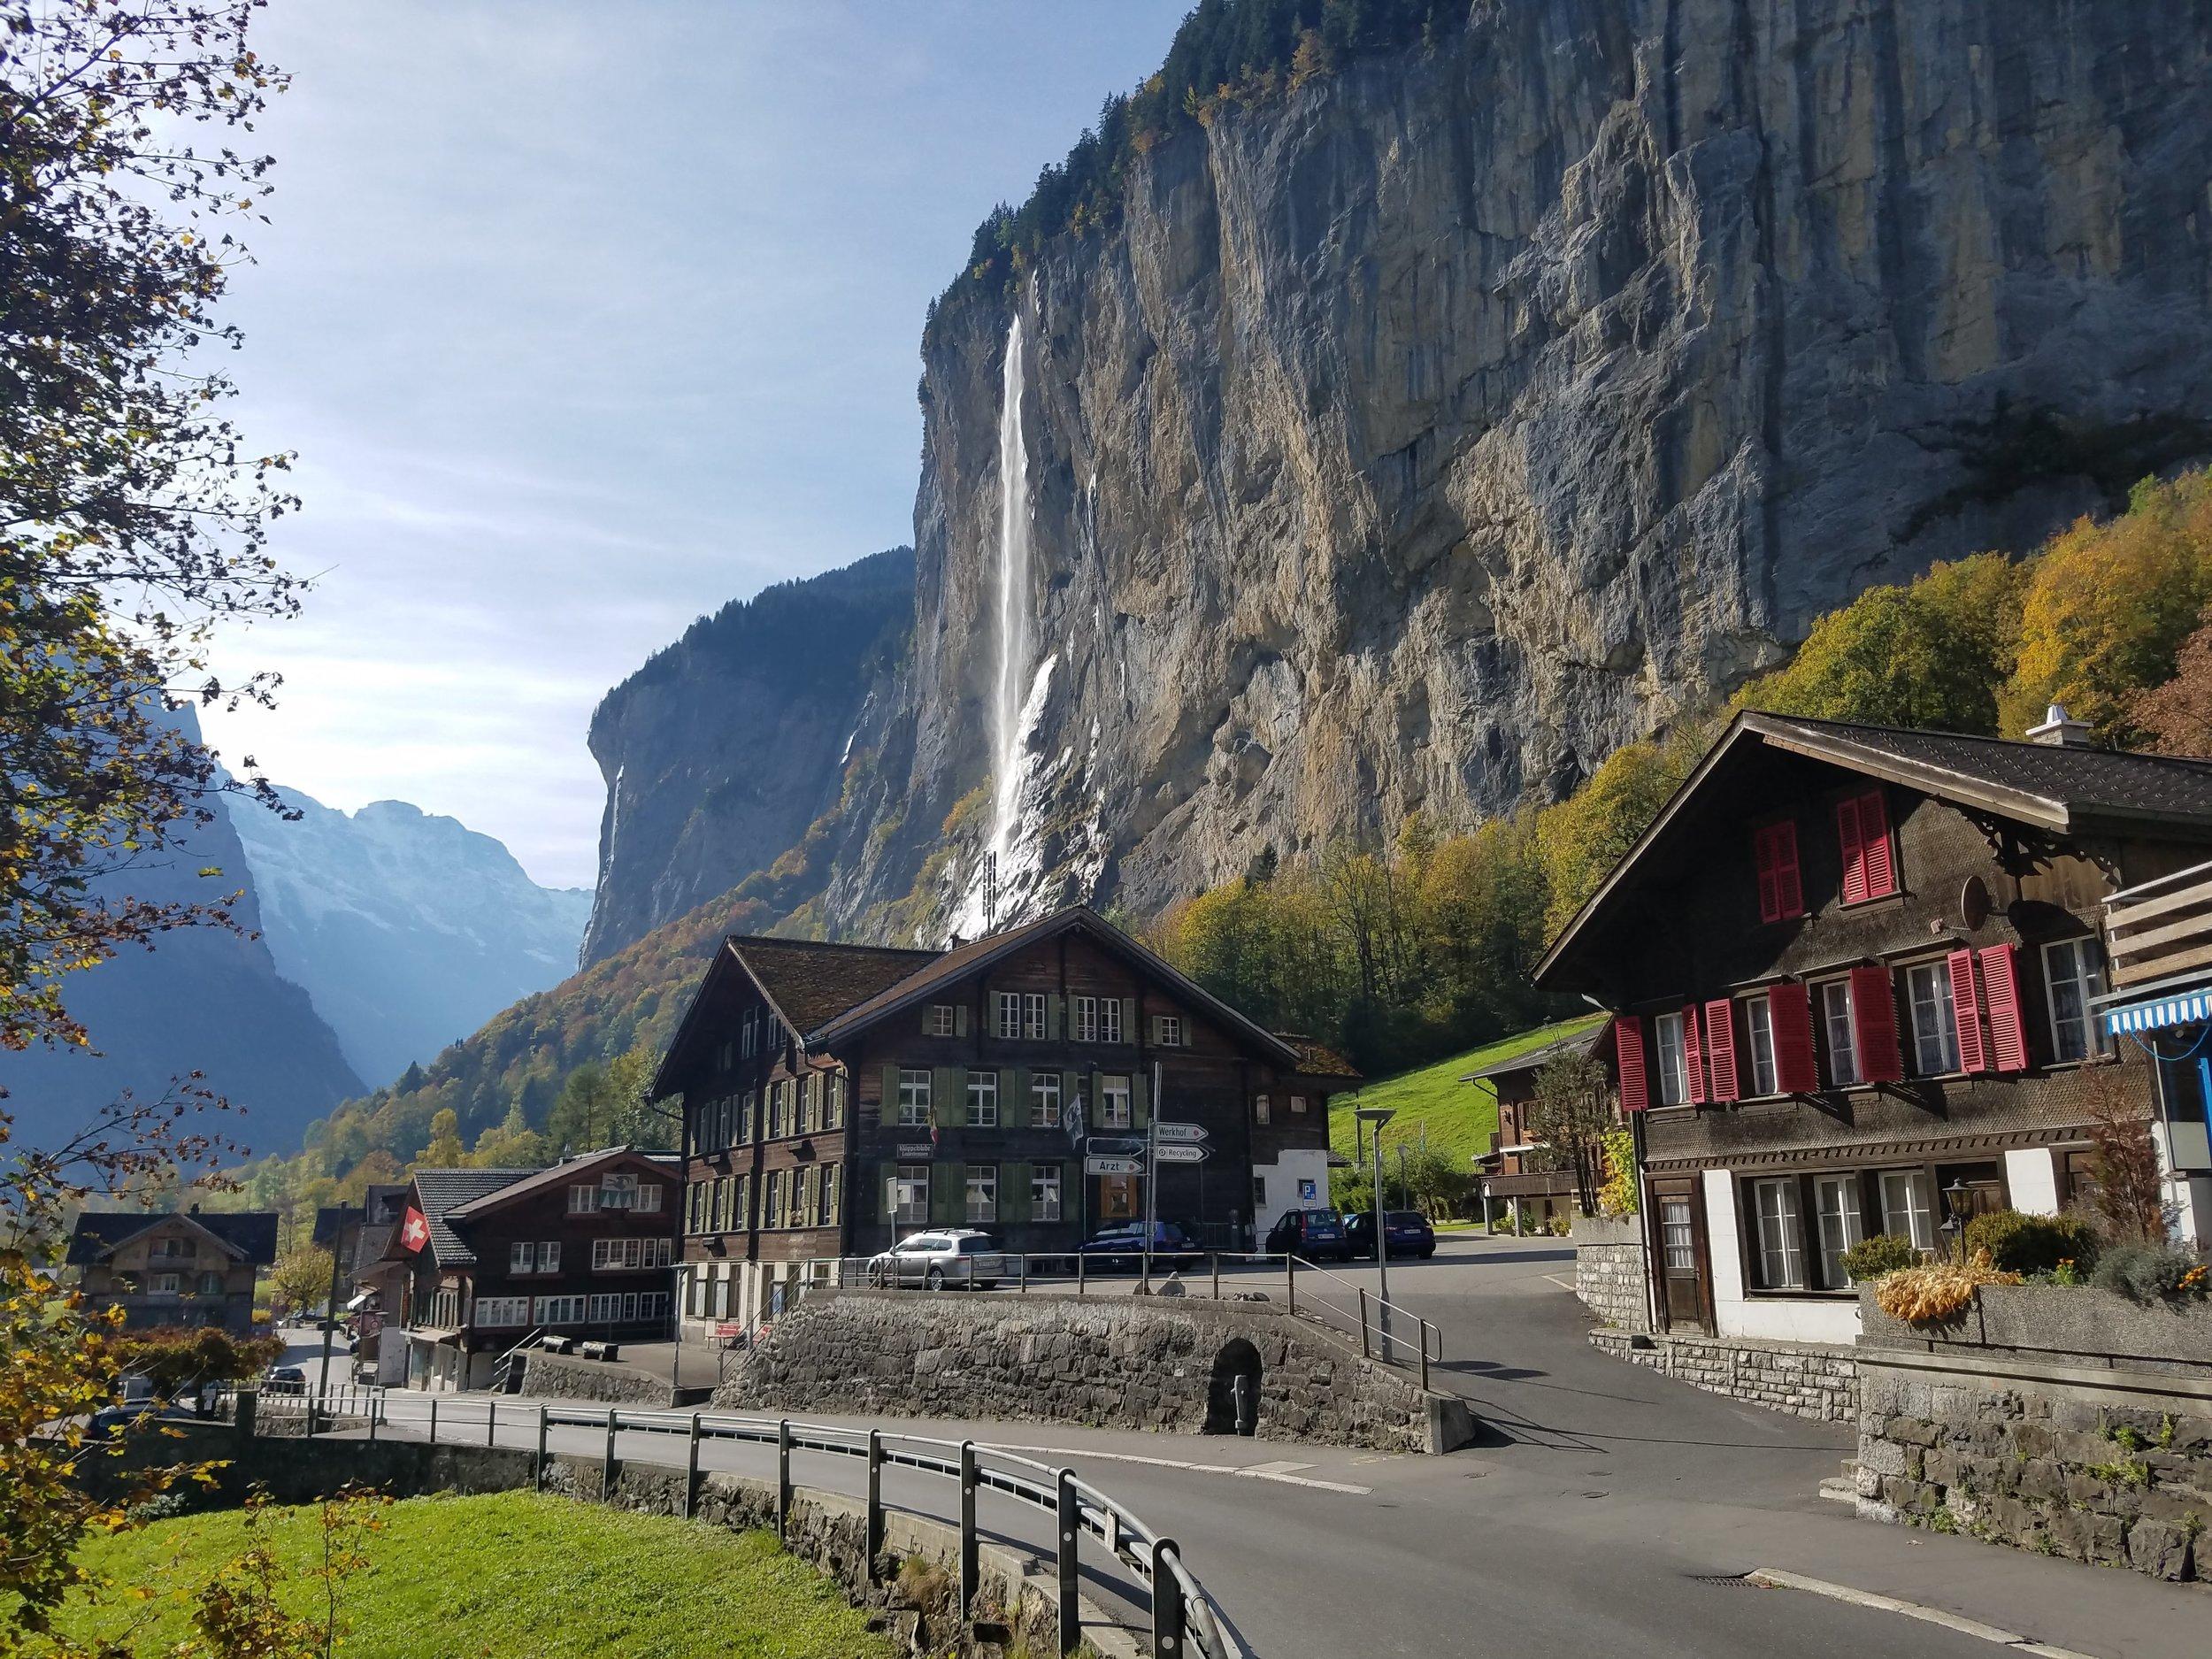 Staubbach Falls in Lauterbrunnen, Switzerland